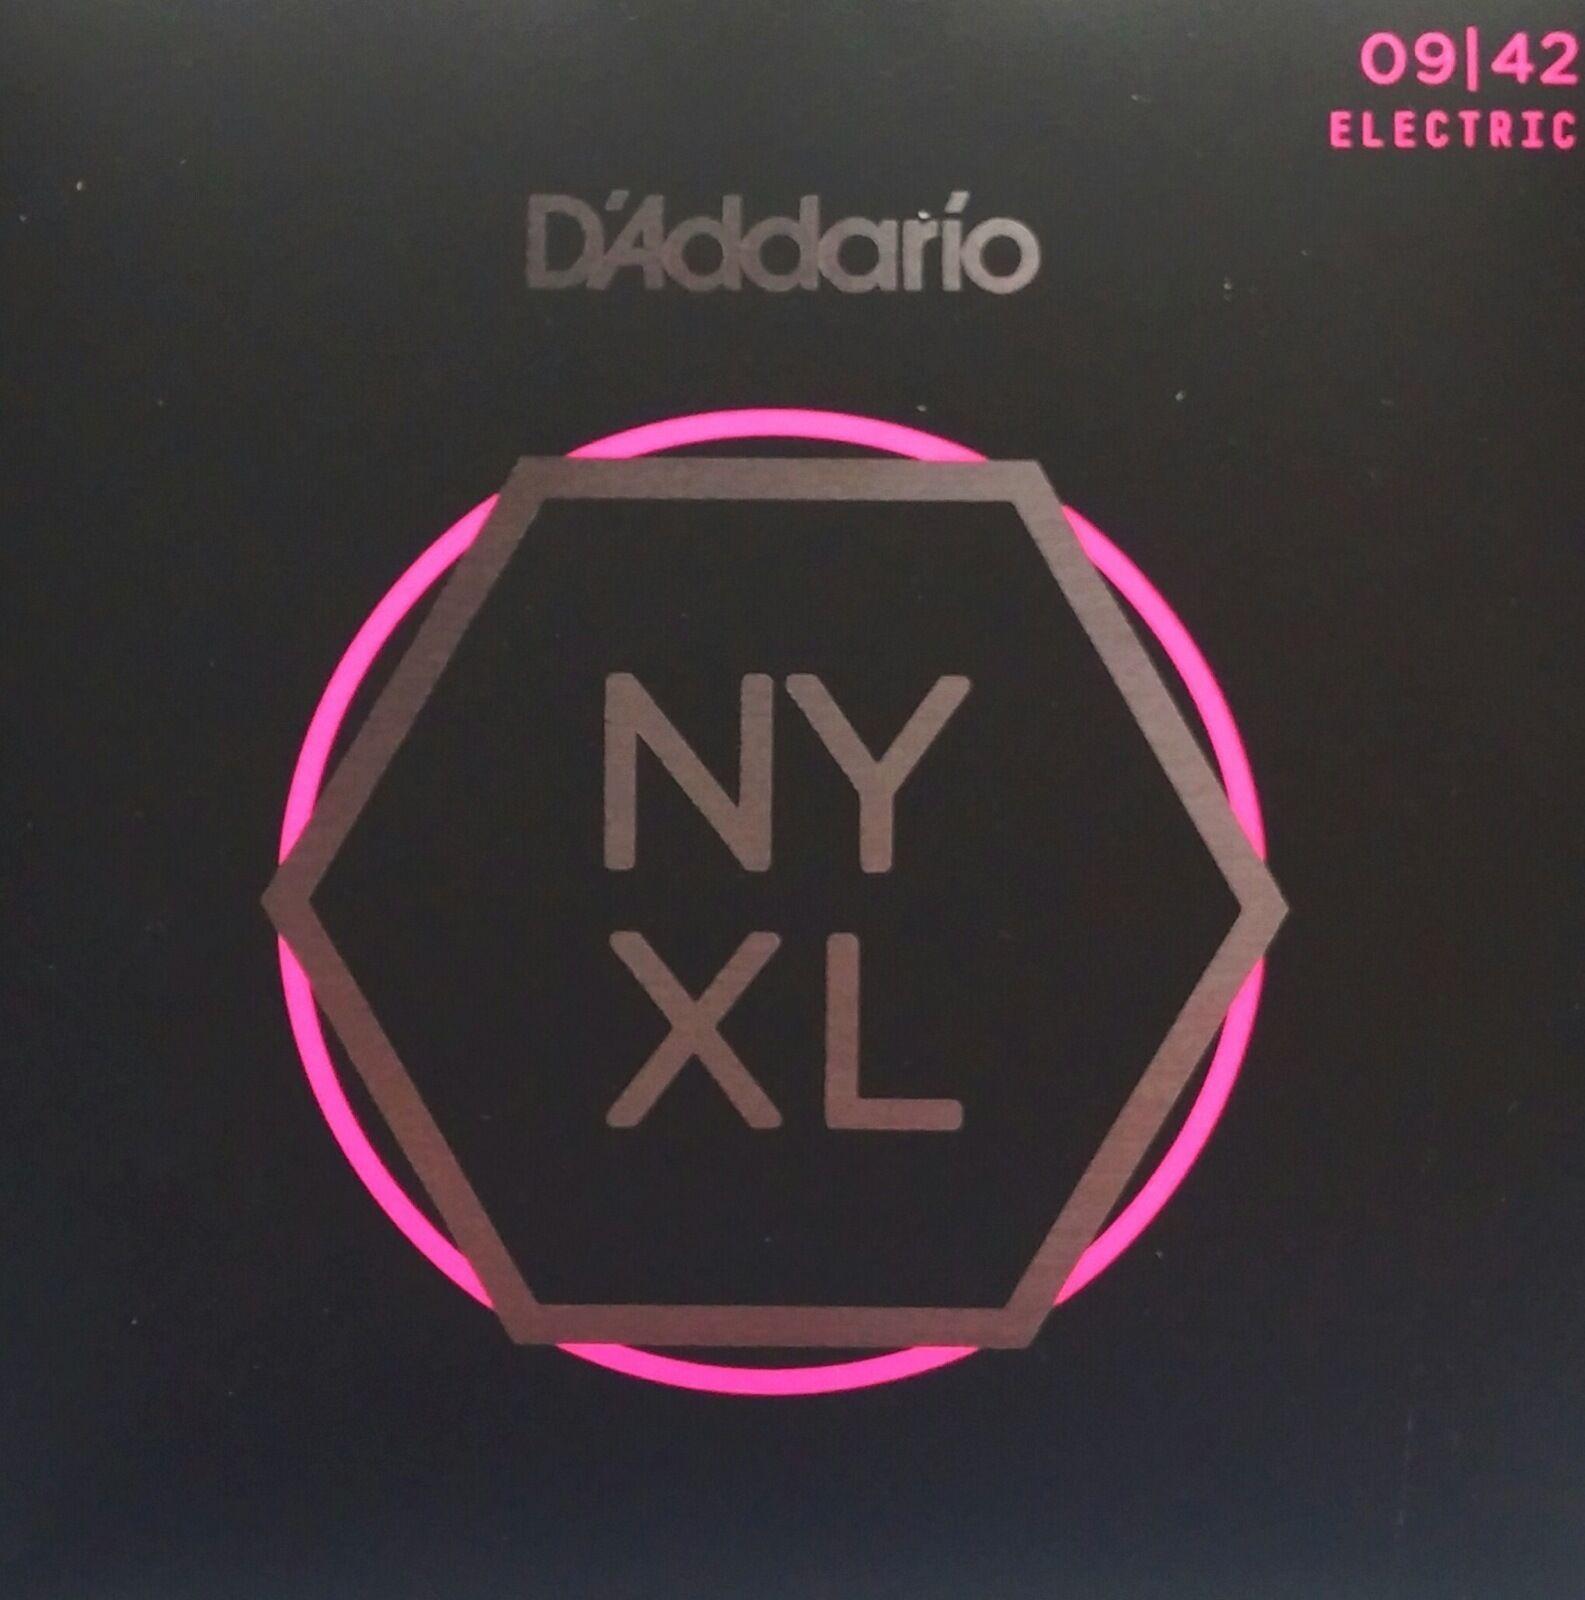 5 Sets  D'Addario NYXL0942 NY XL Electric Guitar Strings NYXL 0942 Free US Ship